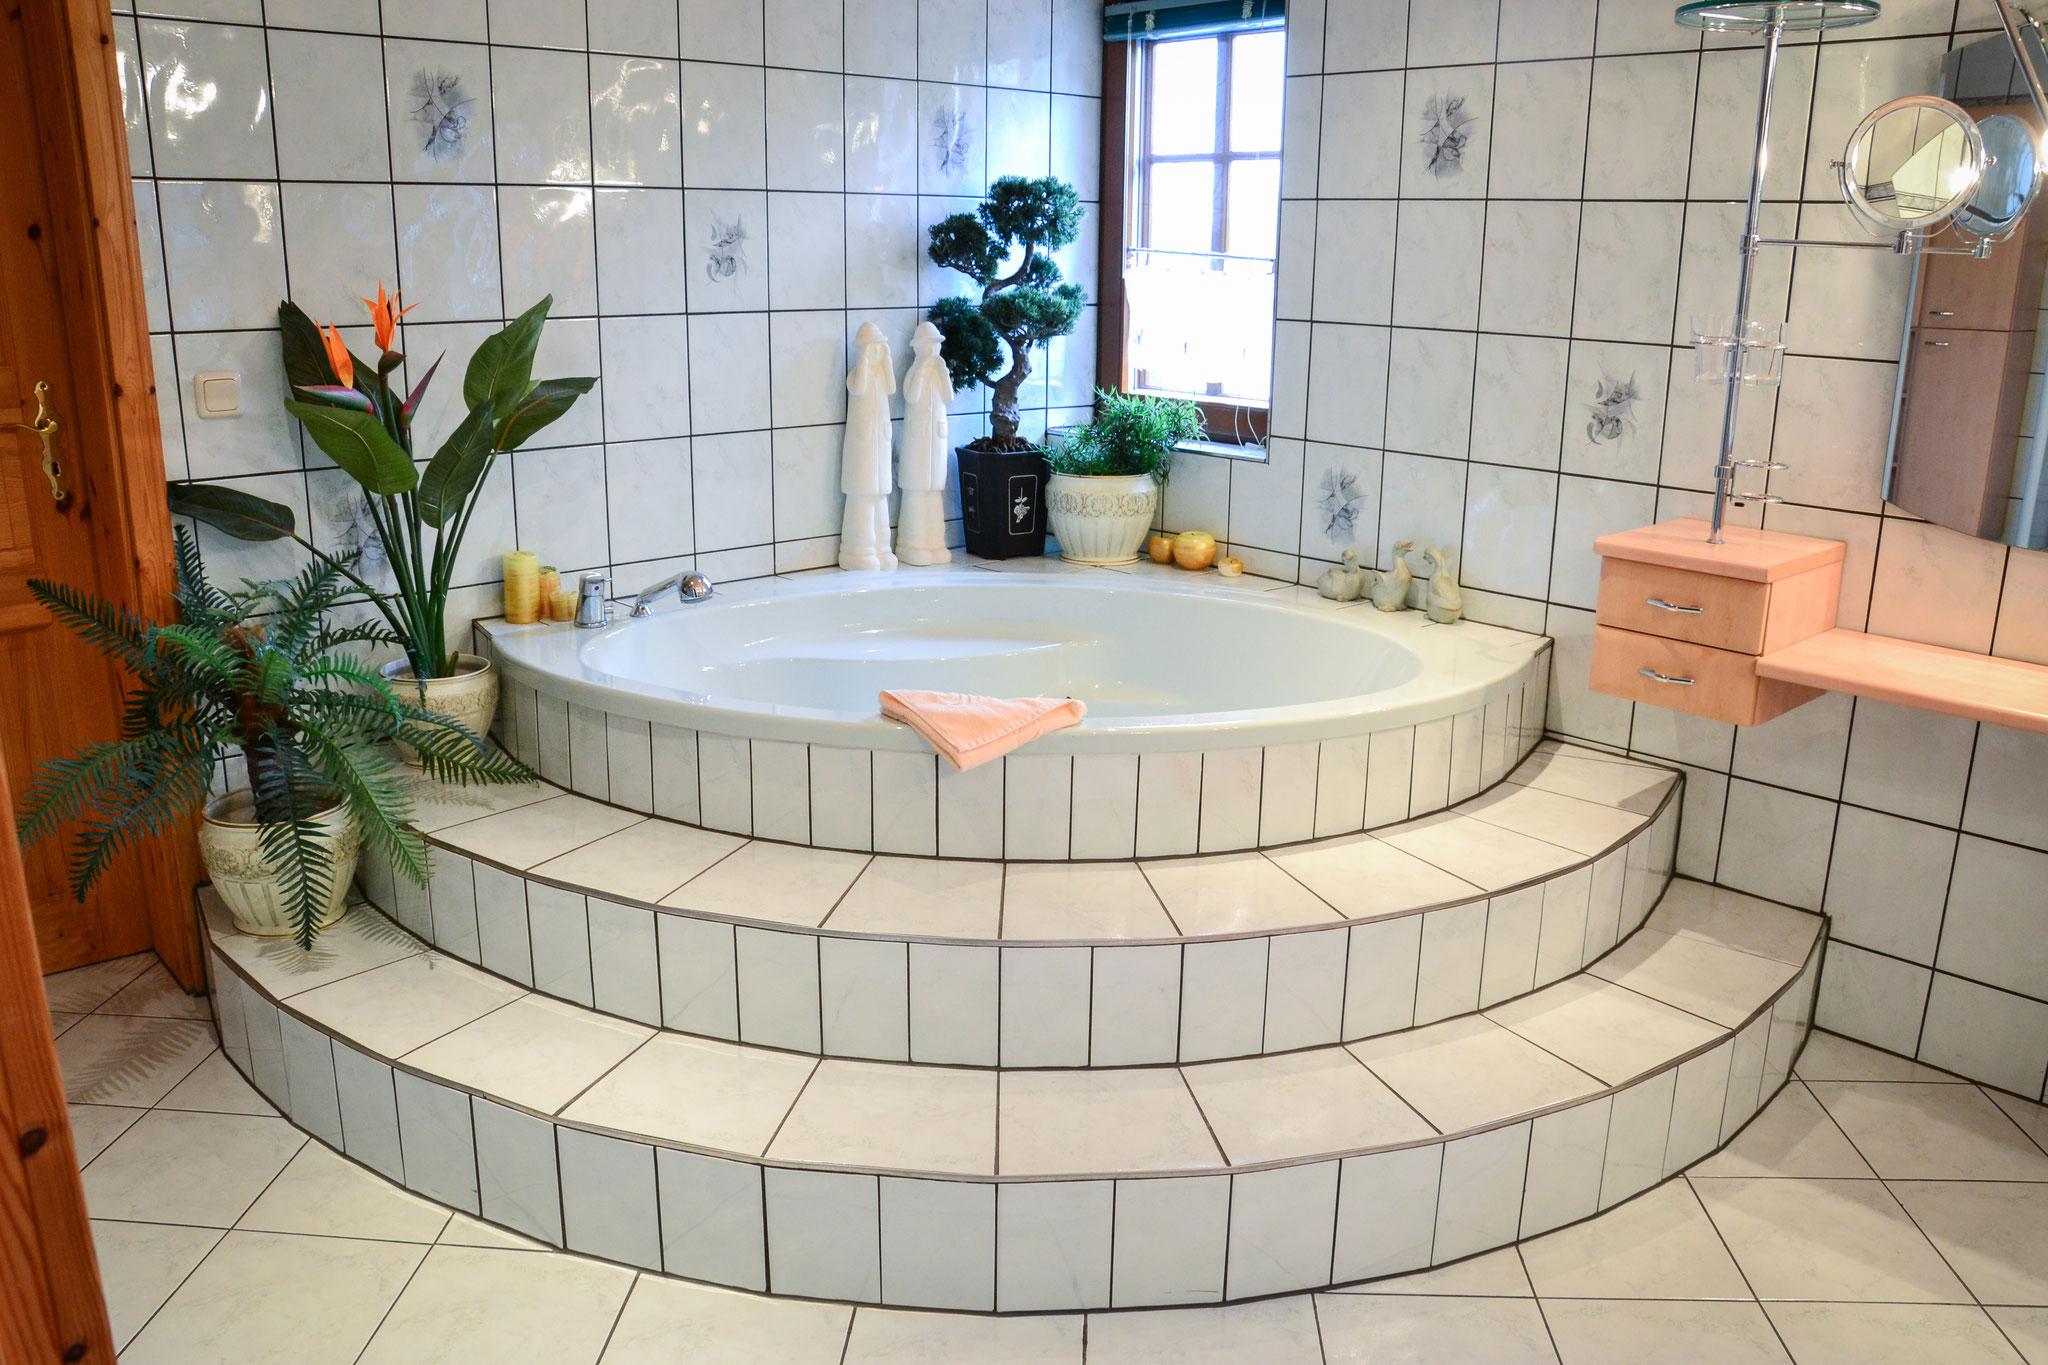 stilvolle Badewanne im Badezimmer